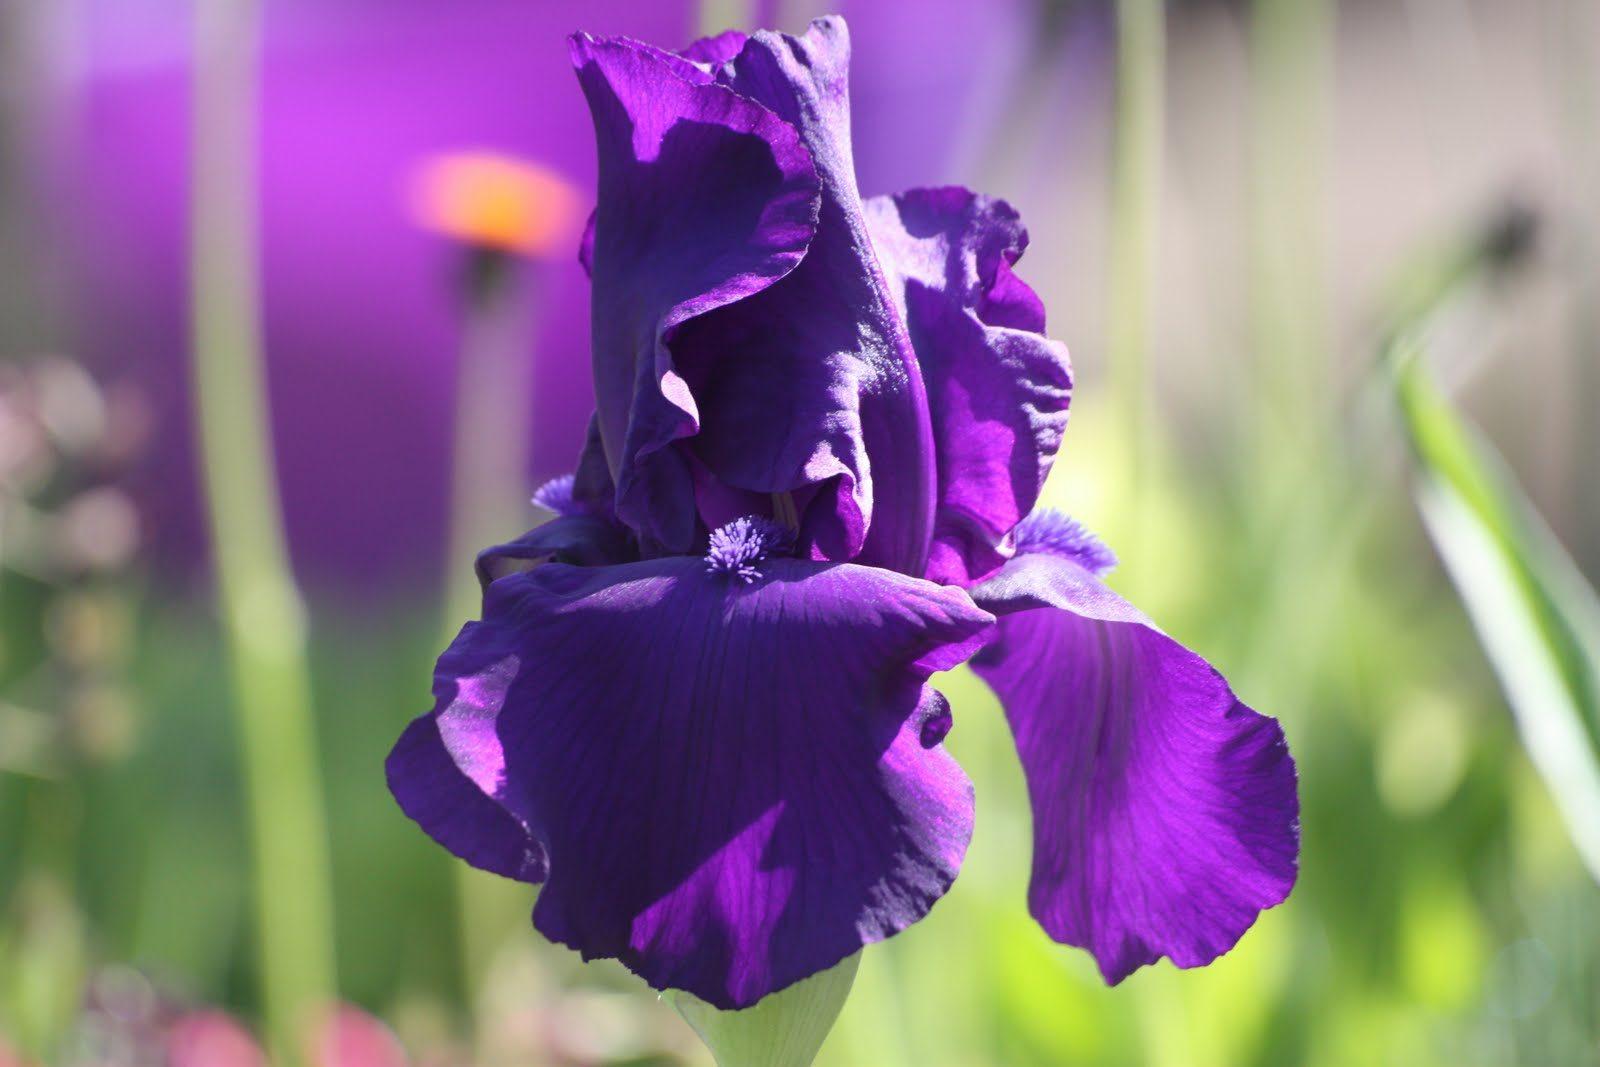 Lirios púrpura :: Imágenes y fotos